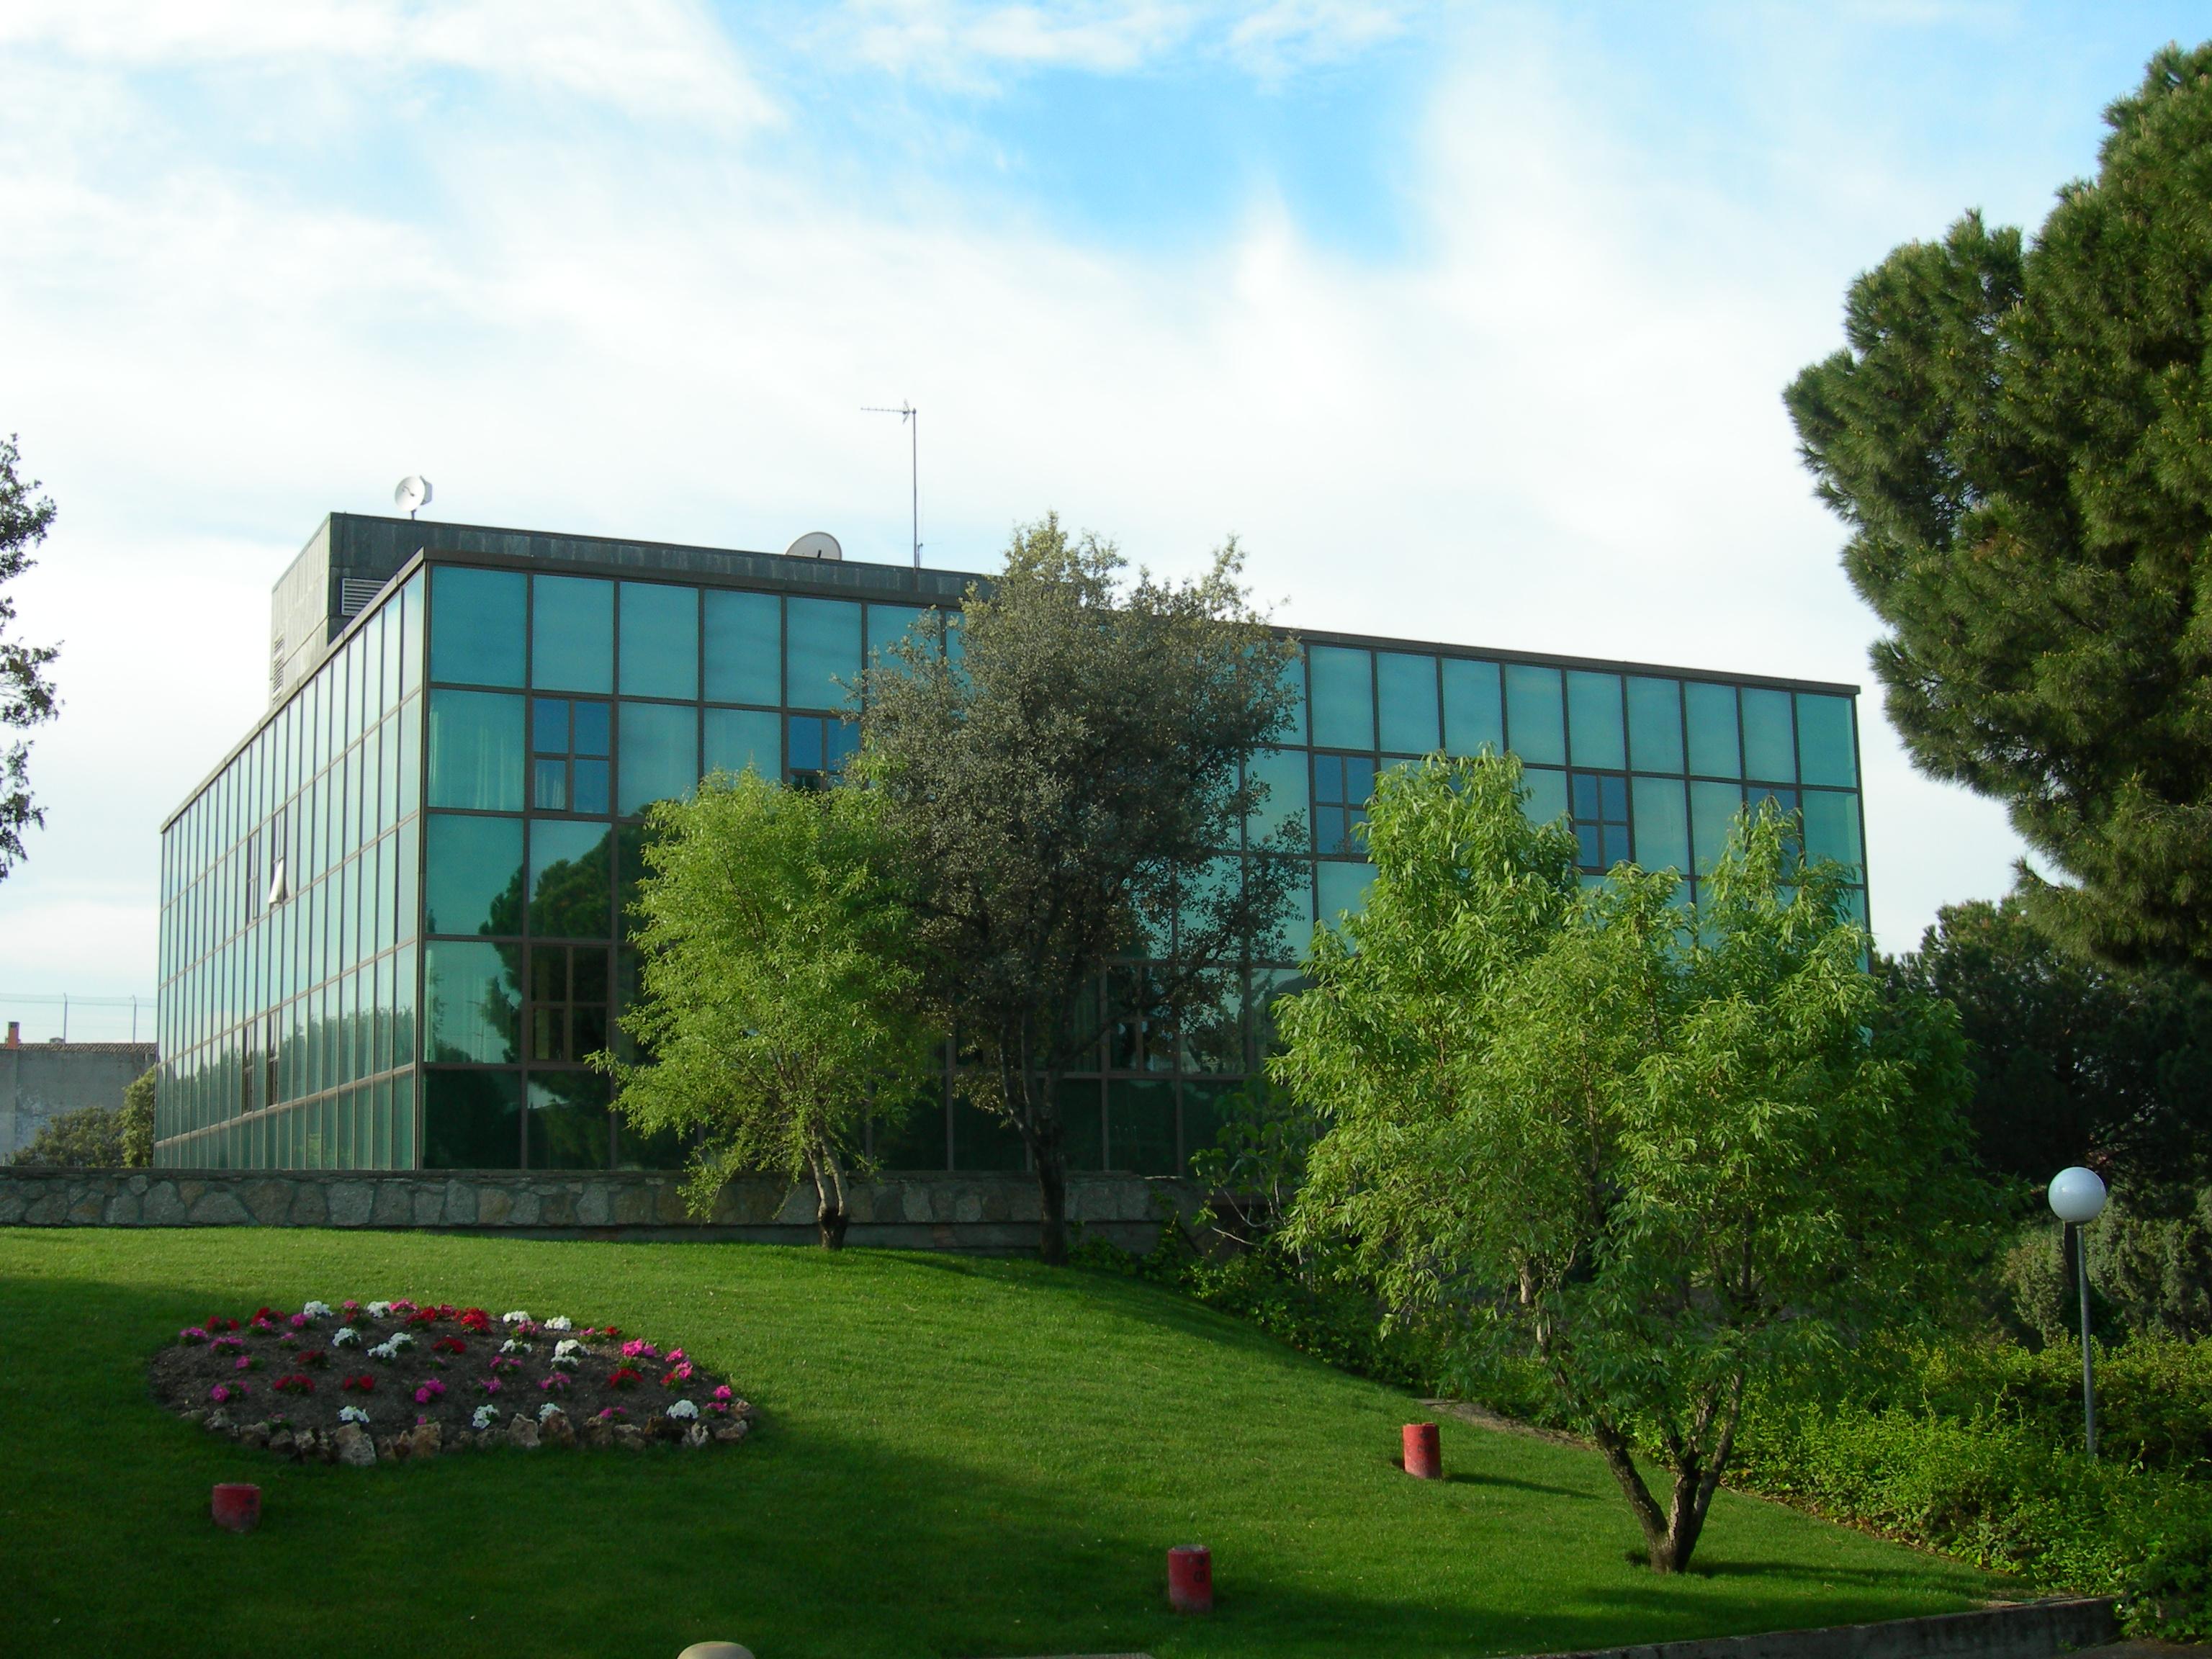 Convenio de colaboración entre Siscocan y la Universidad Politécnica de Madrid